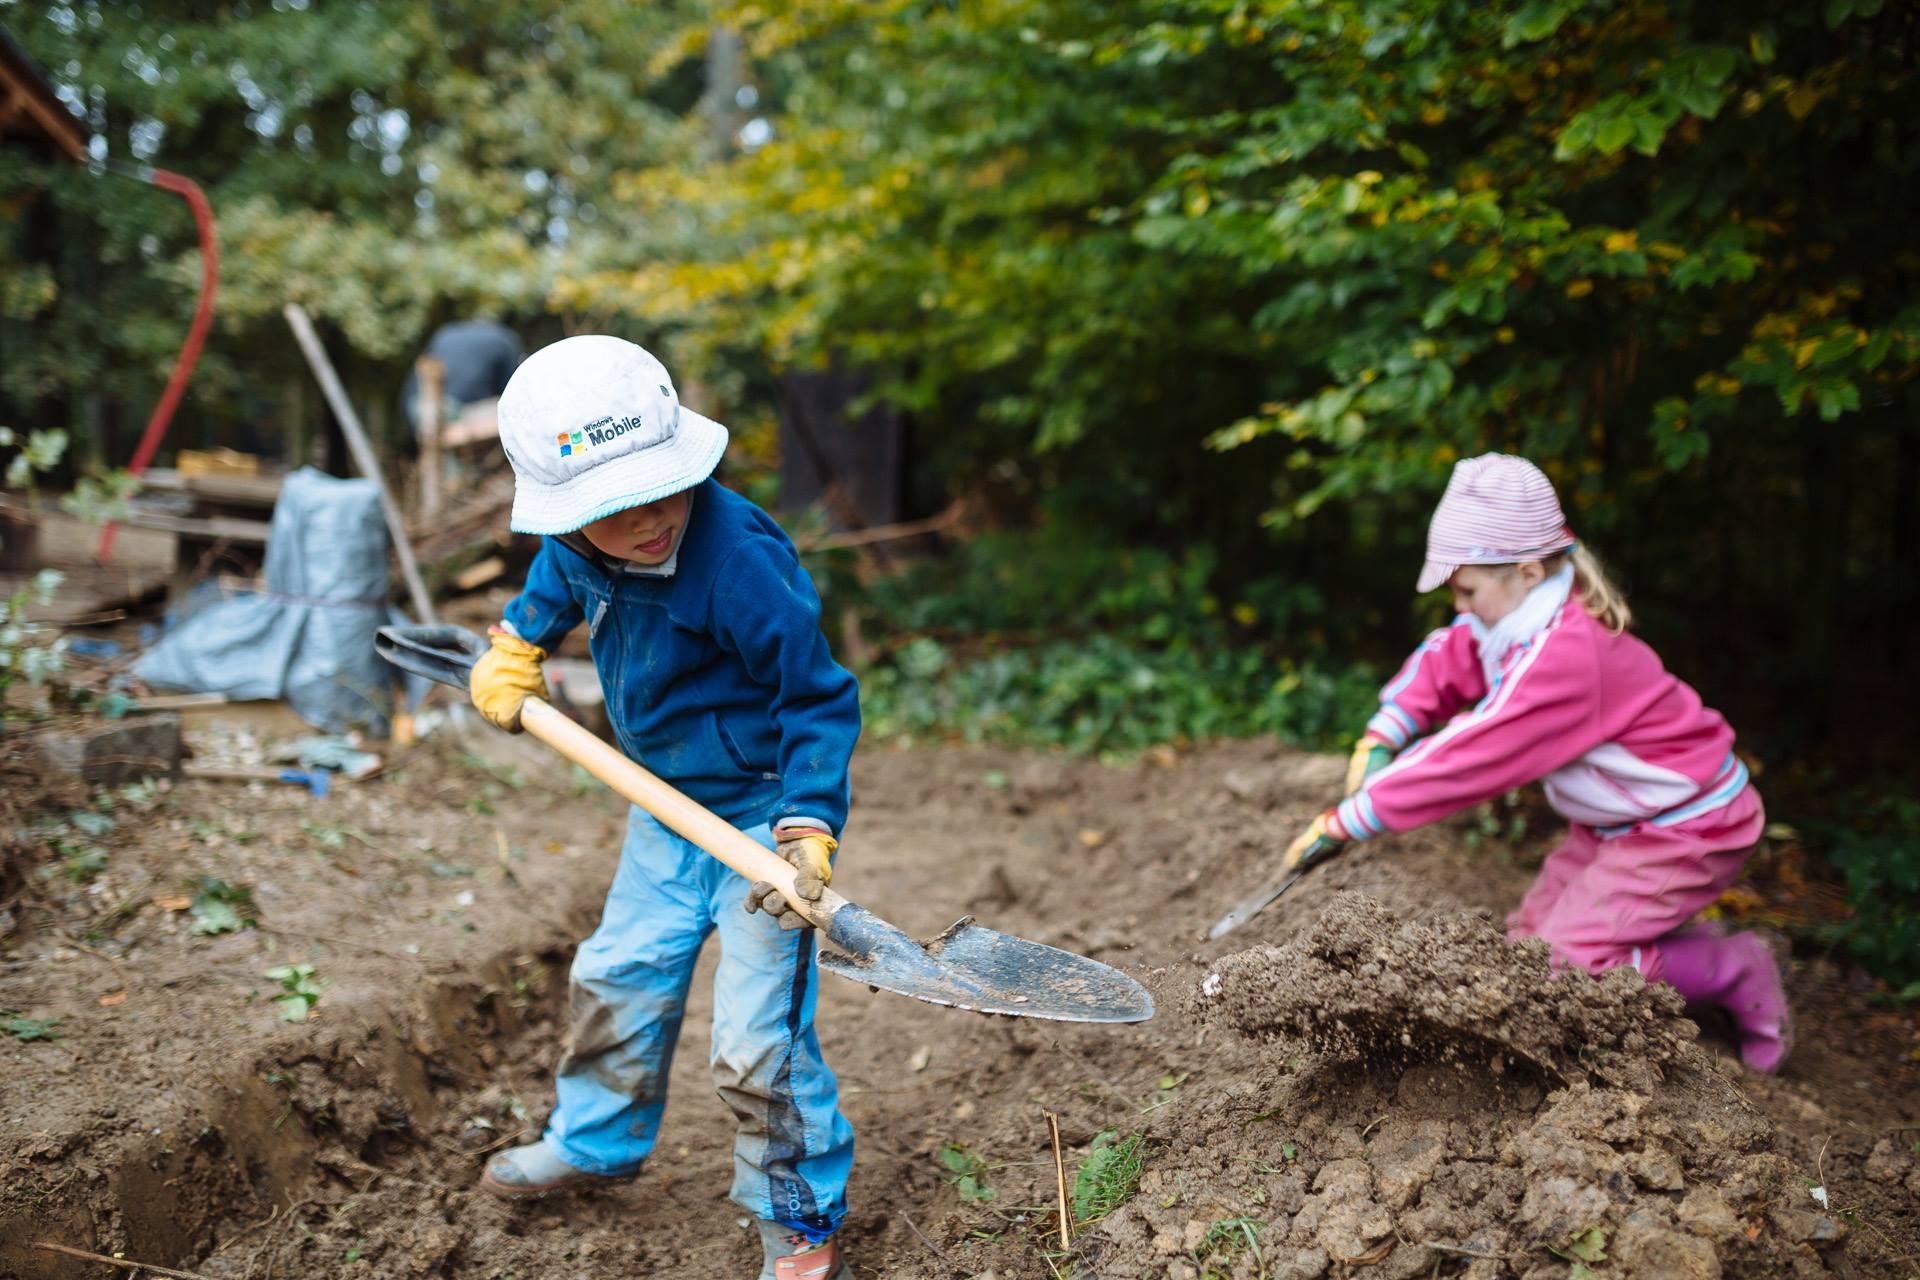 Rodiny pomáhaly v lesní školce